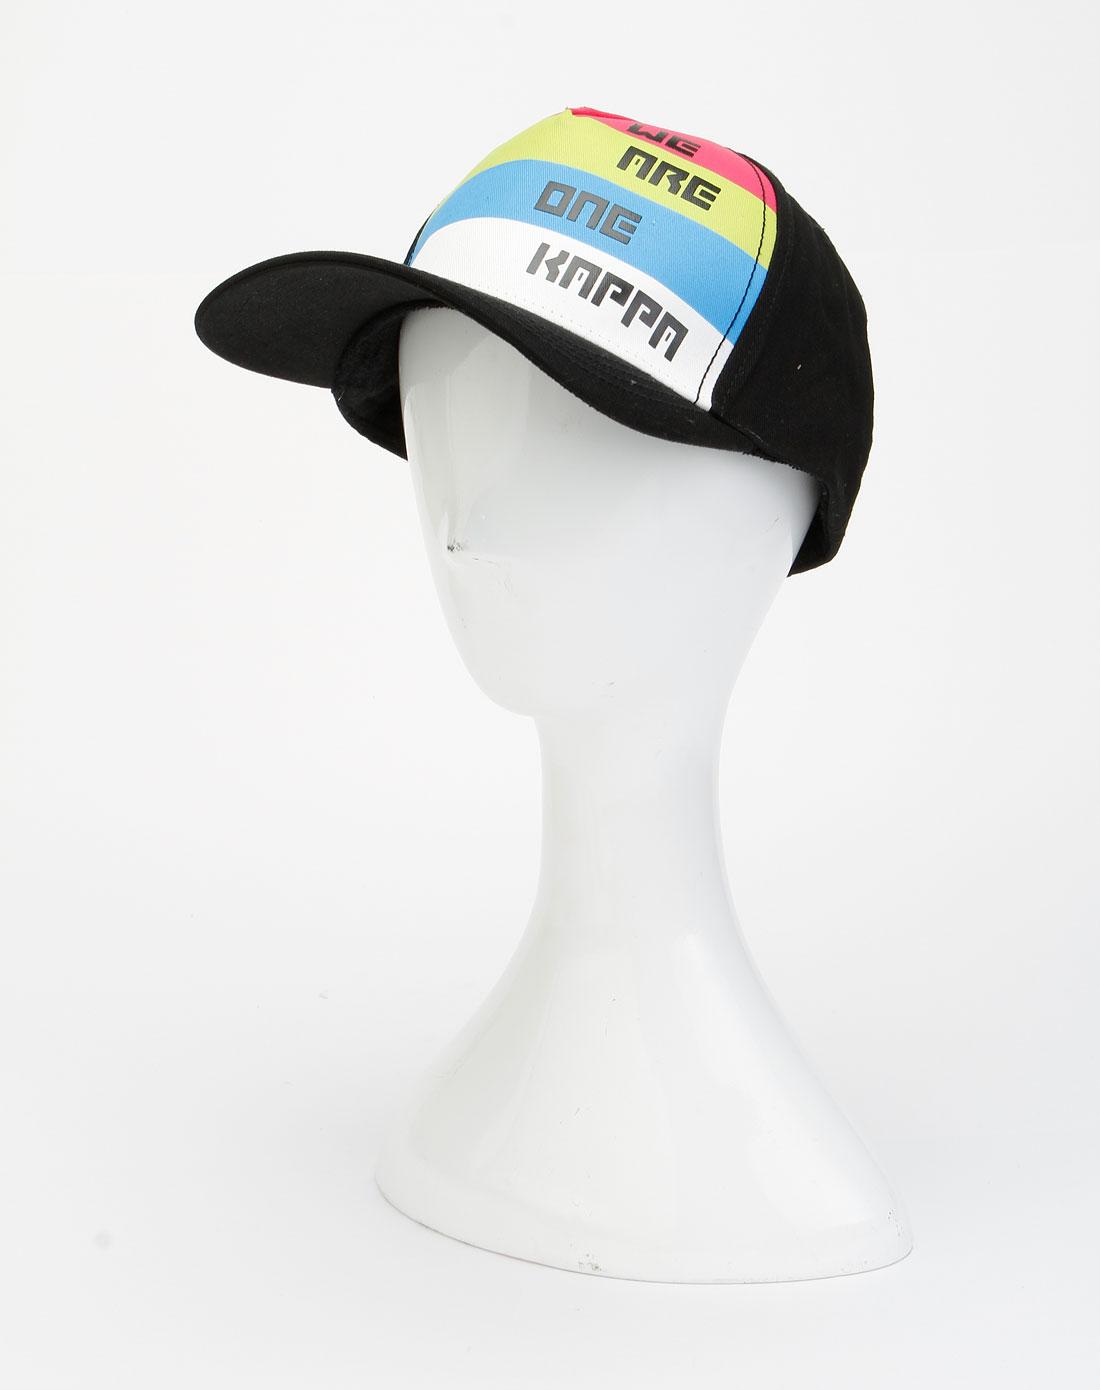 卡帕kappa男装专场-黑色时尚简约鸭舌帽